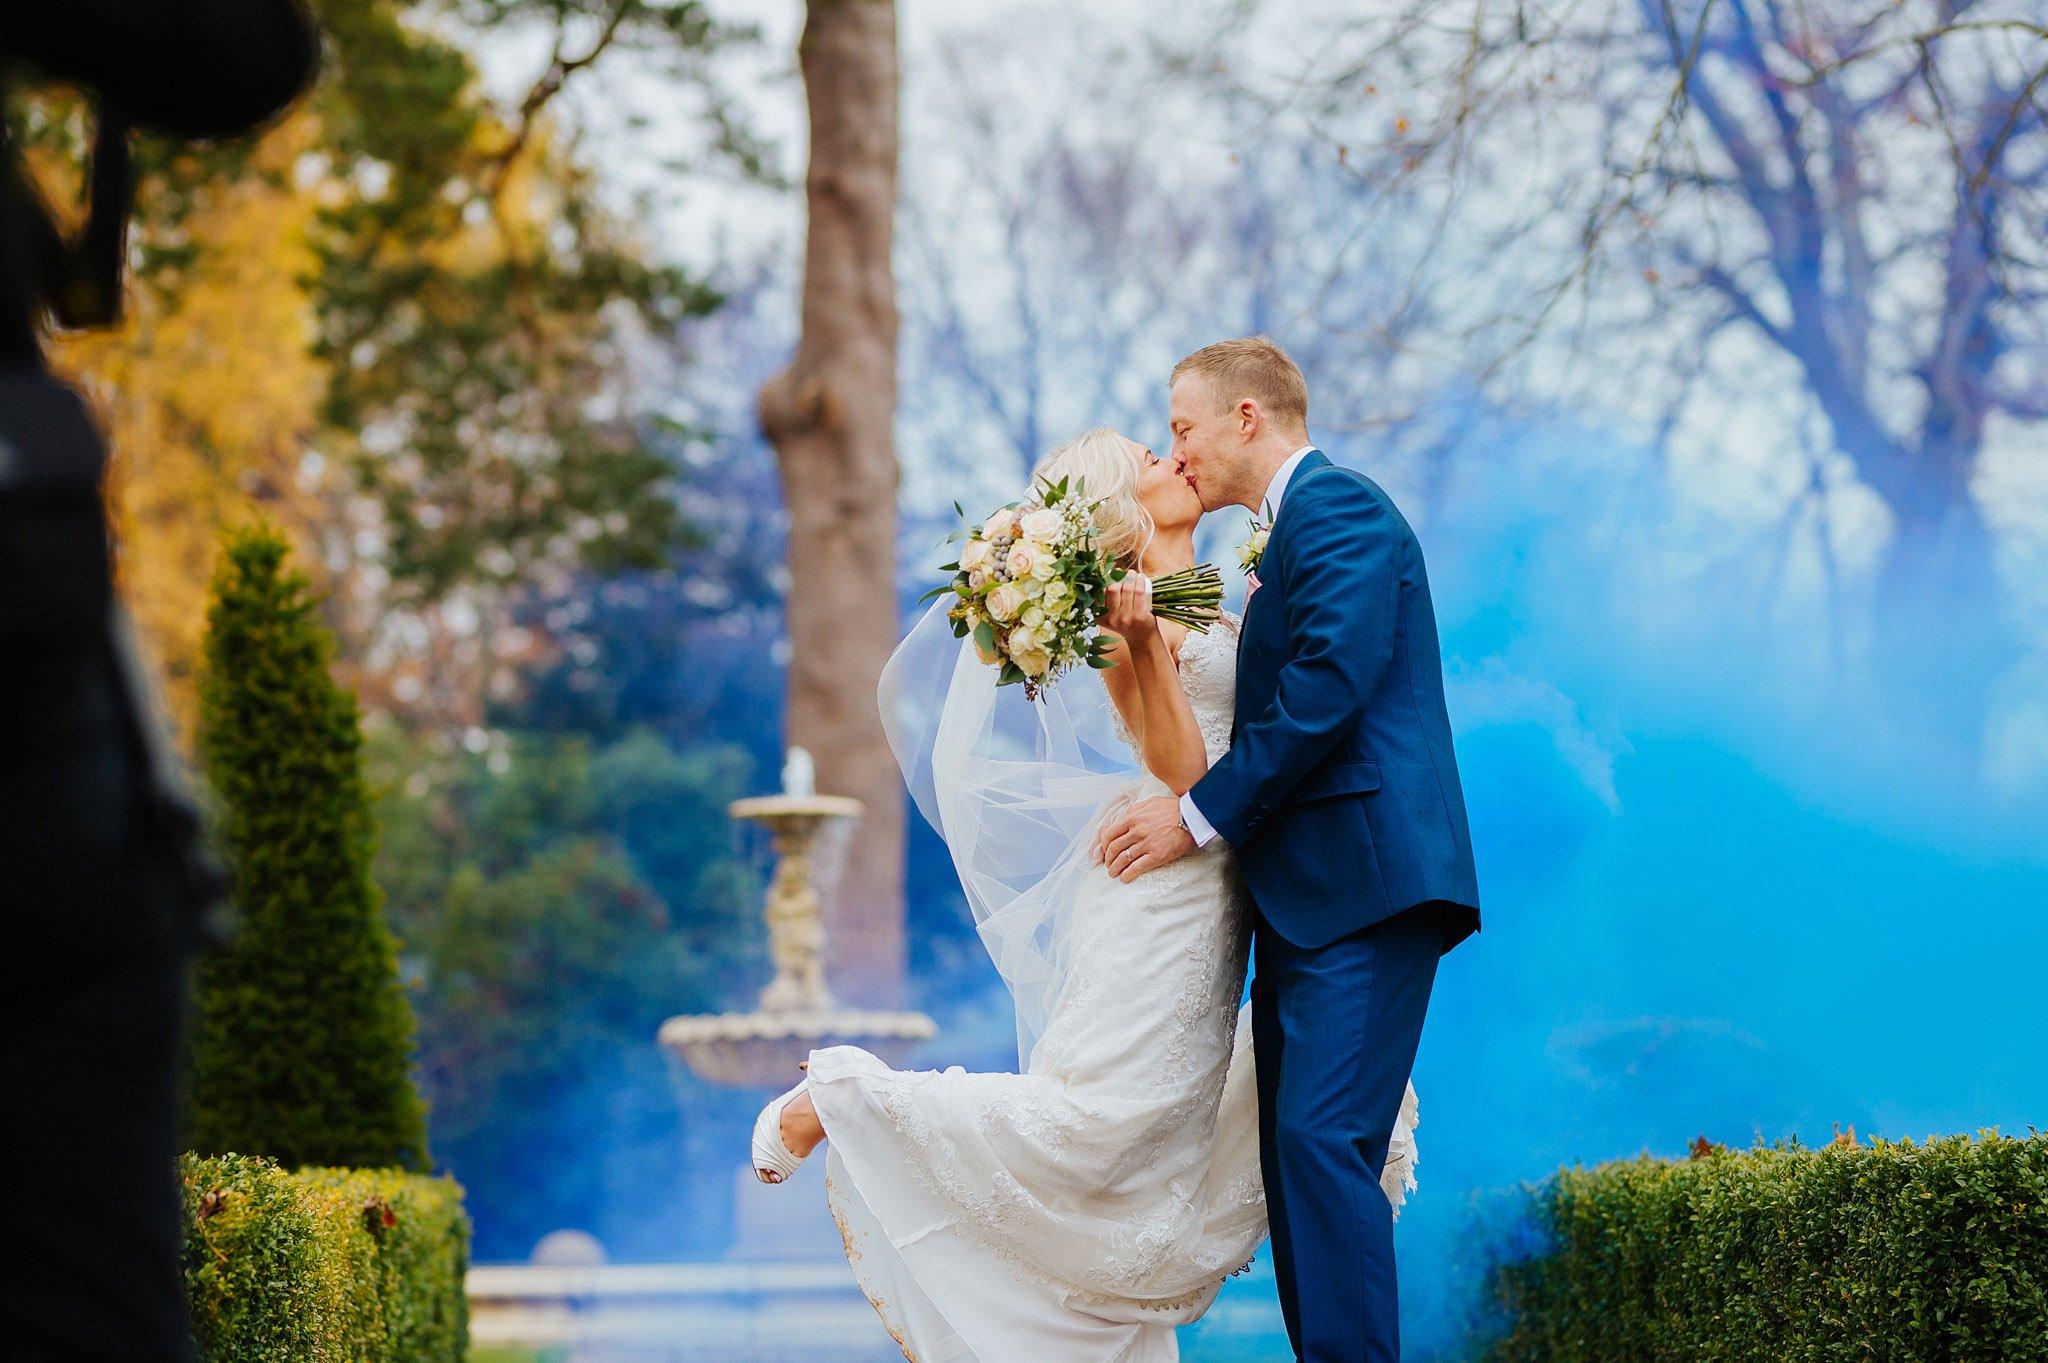 Lemore Manor wedding, Herefordshire - West Midlands | Sadie + Ken 93